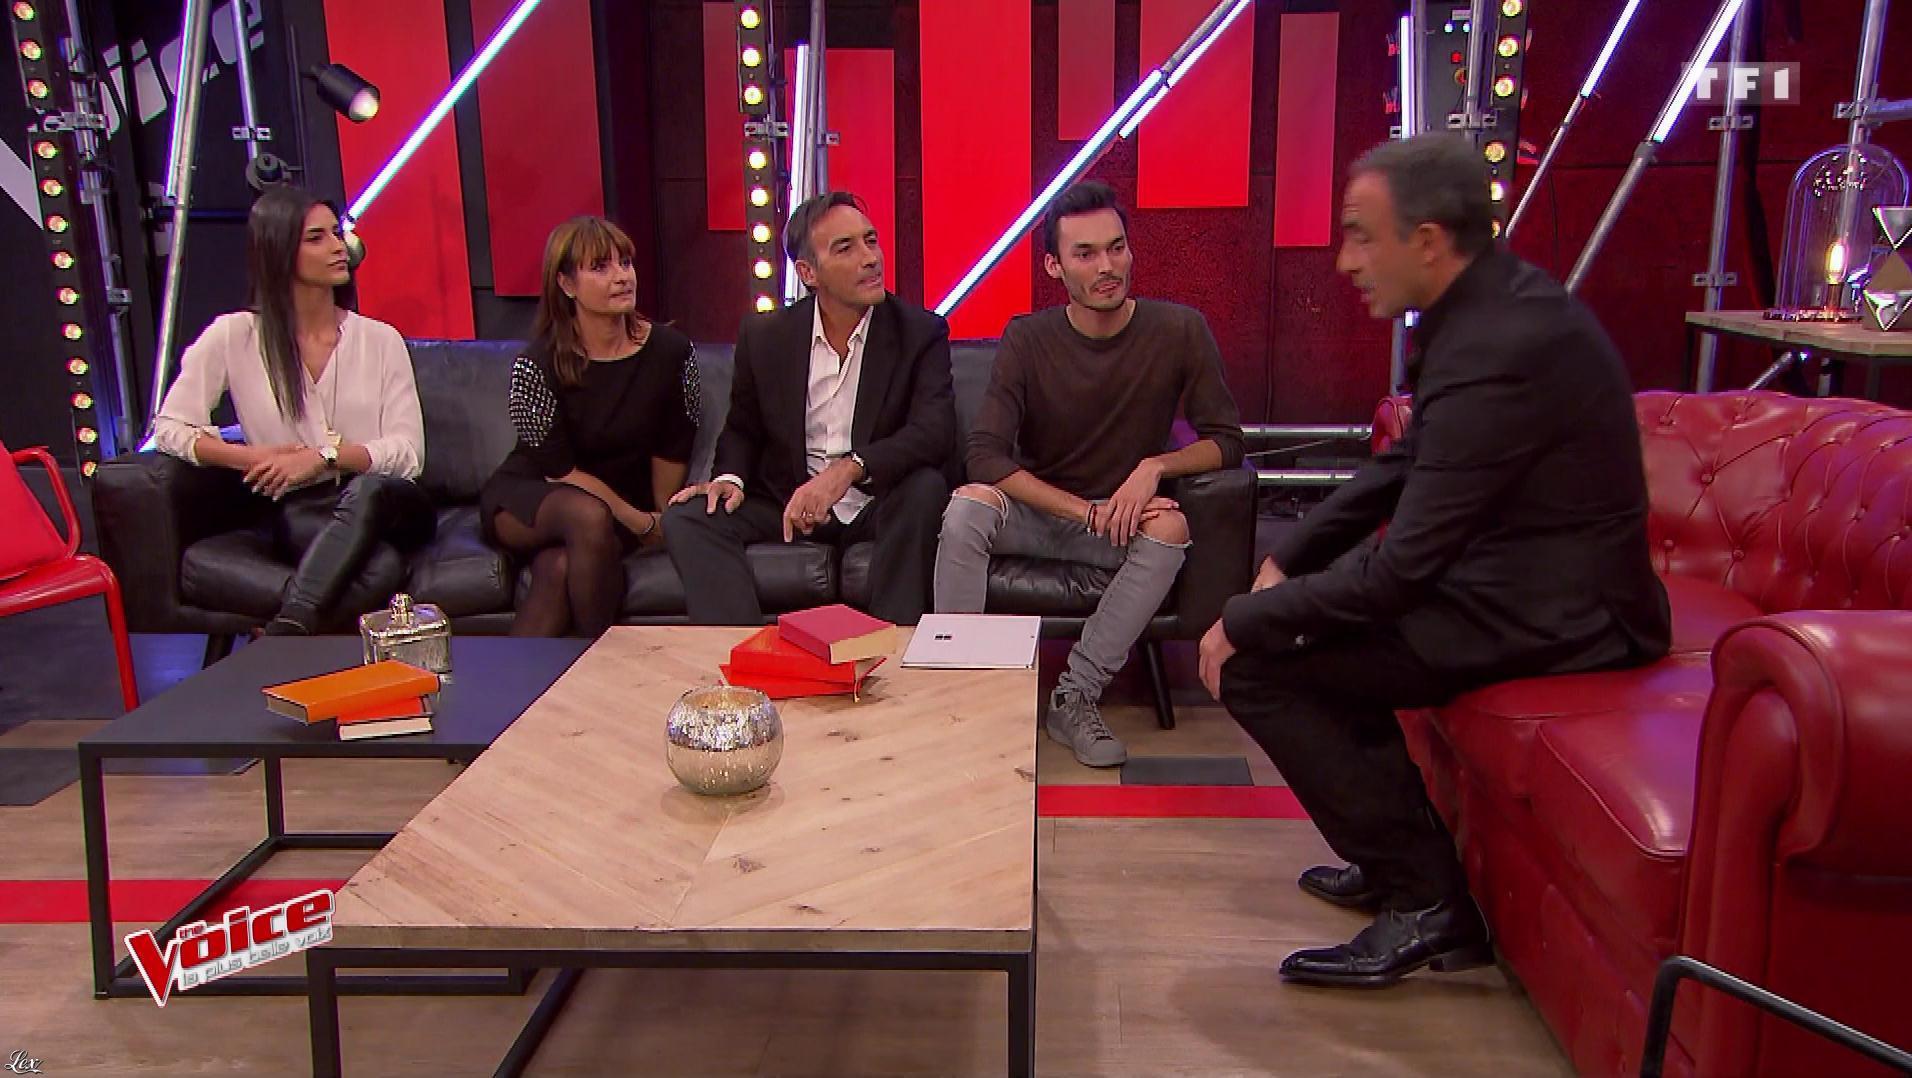 Une Inconnue dans The Voice. Diffusé à la télévision le 18/02/17.